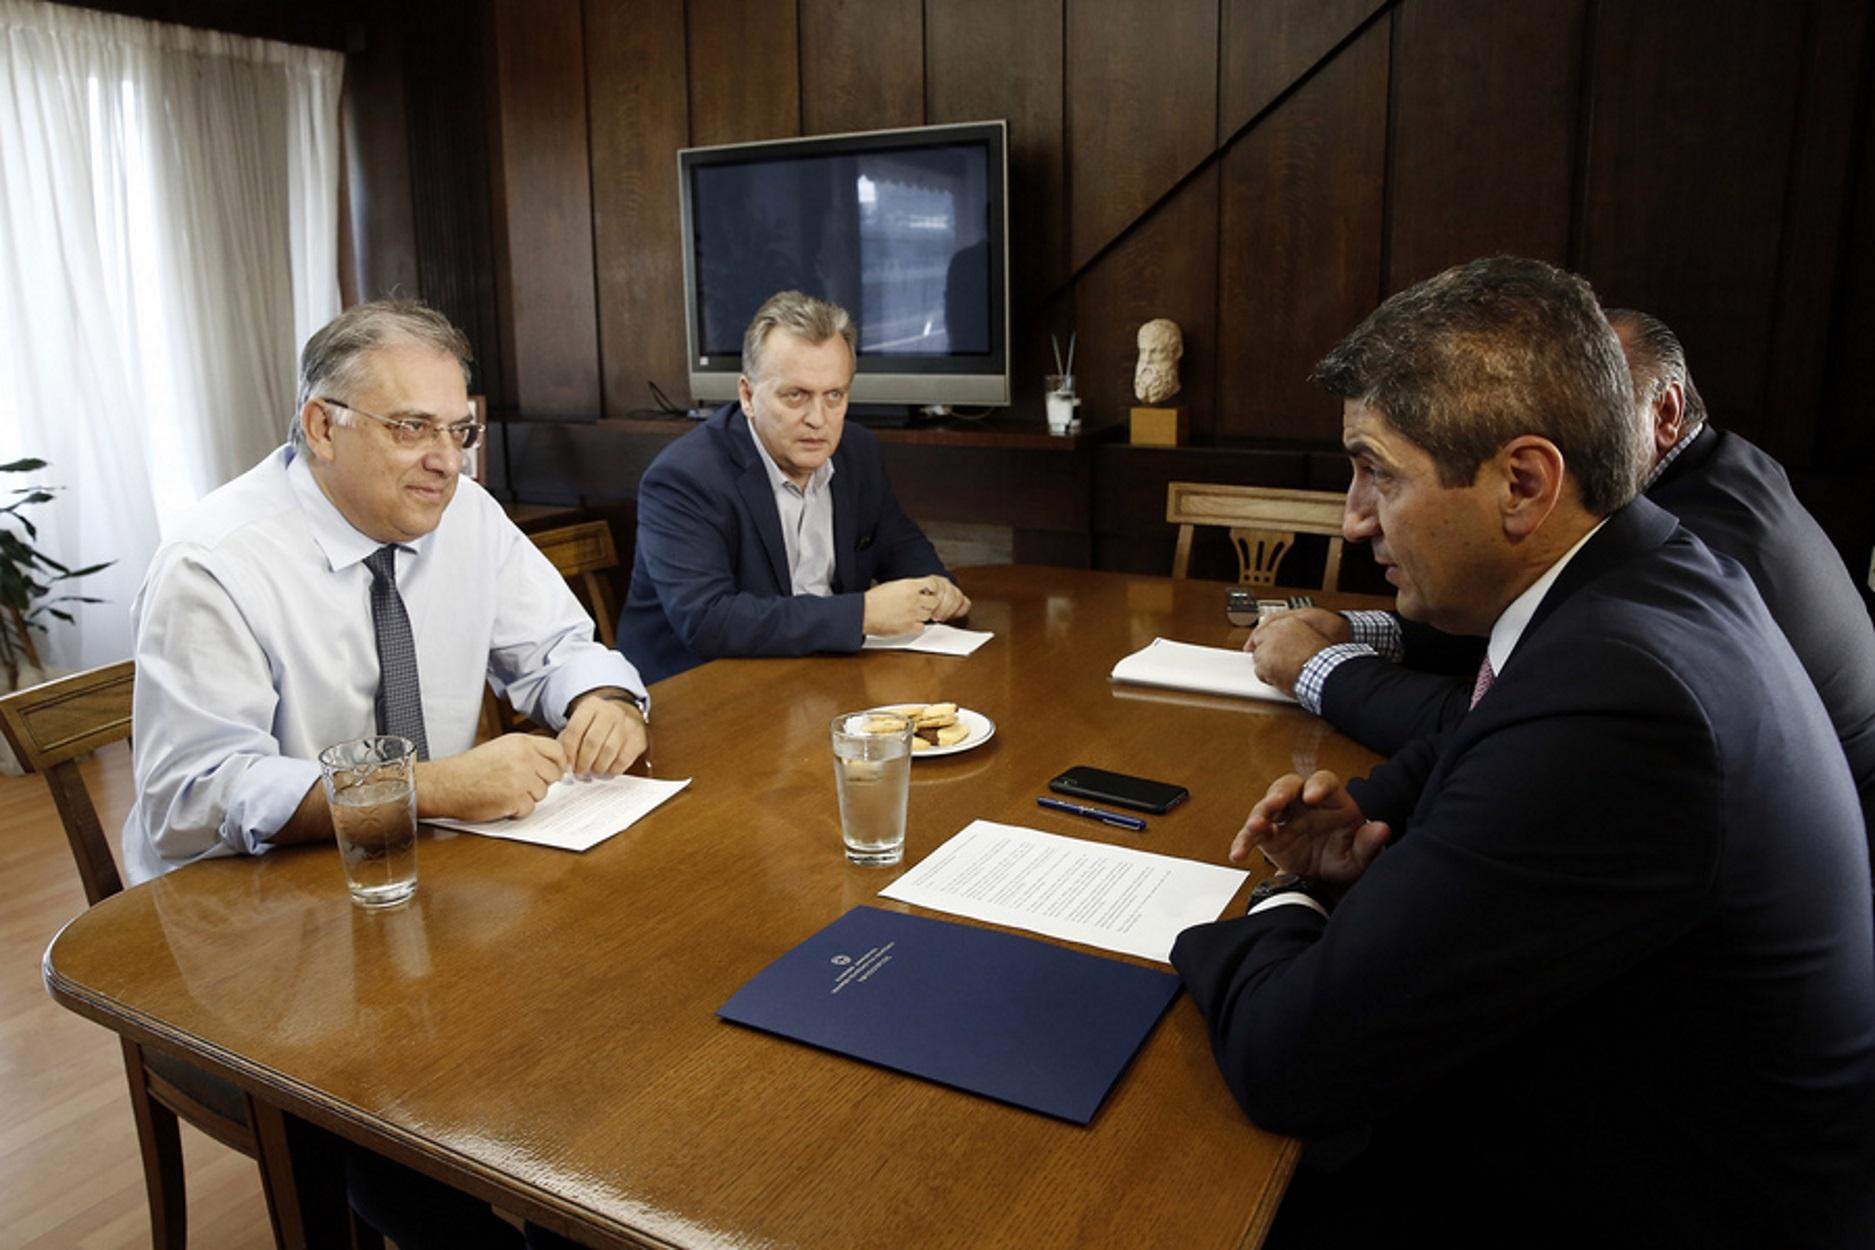 Θεοδωρικάκος: 100 εκατ. ευρώ για την ασφάλεια αθλητικών εγκαταστάσεων